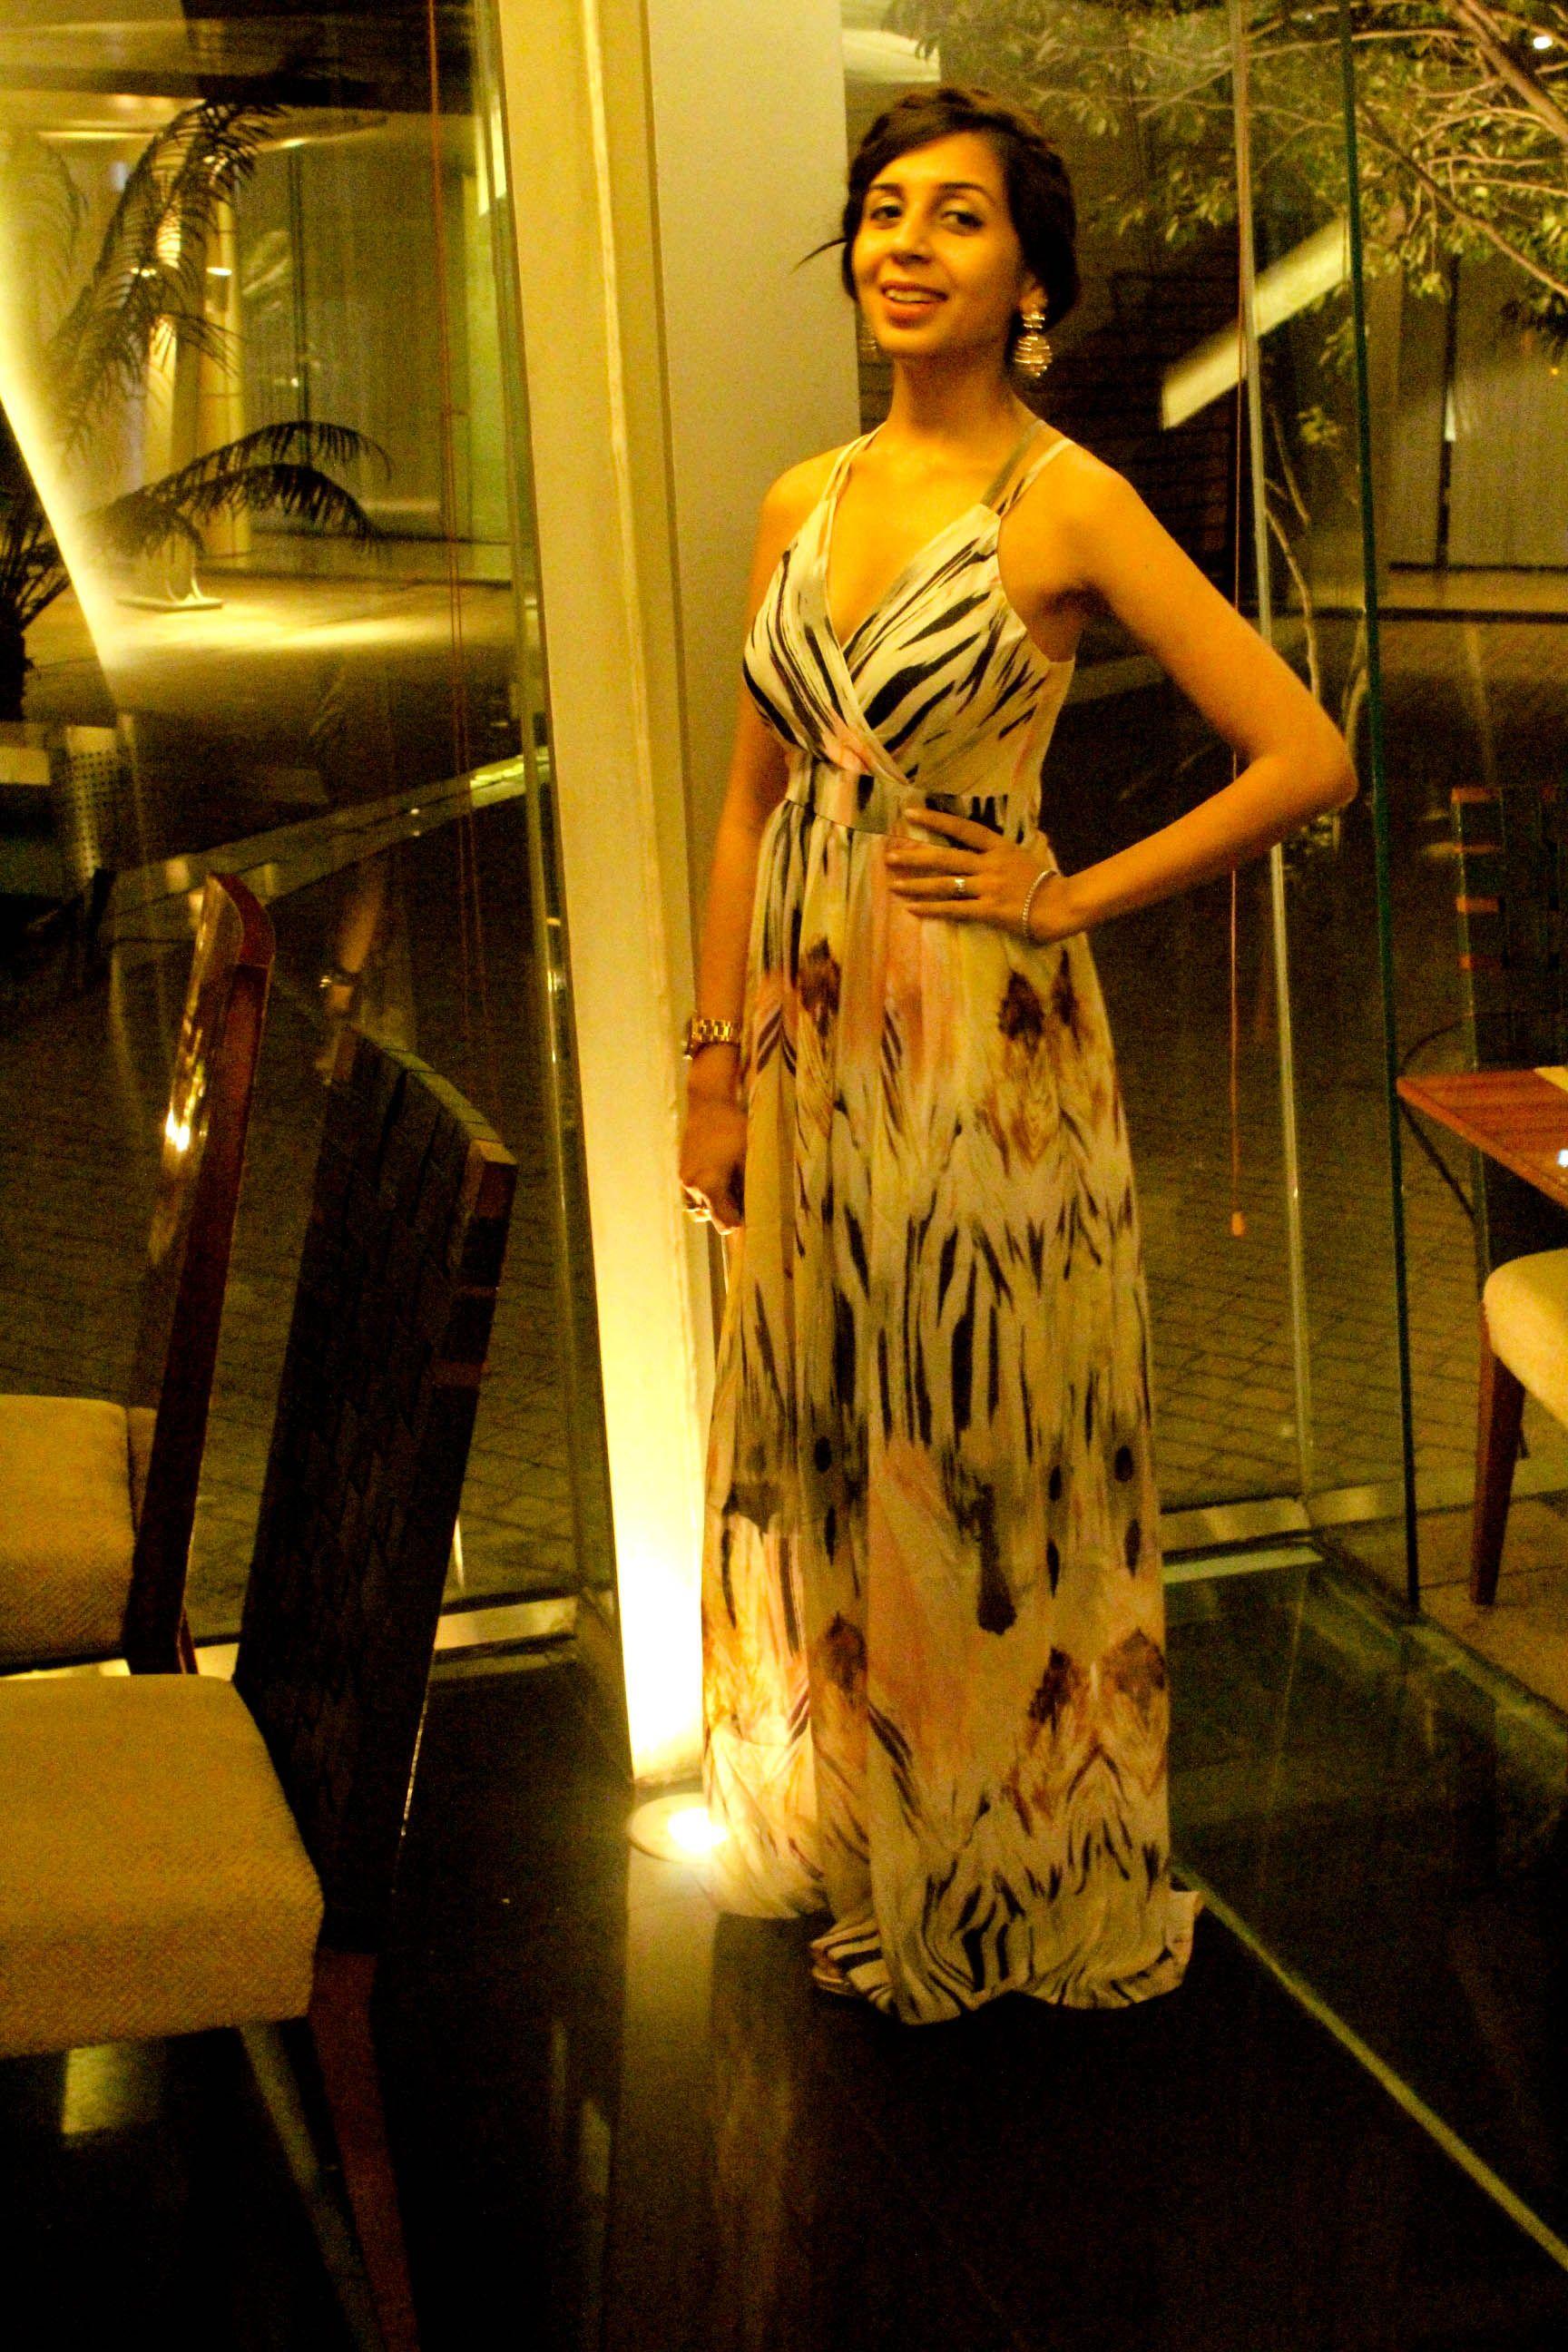 Best affordable wedding dress shops london  long dress zalora indonesia gdp  Wedding dress  Pinterest